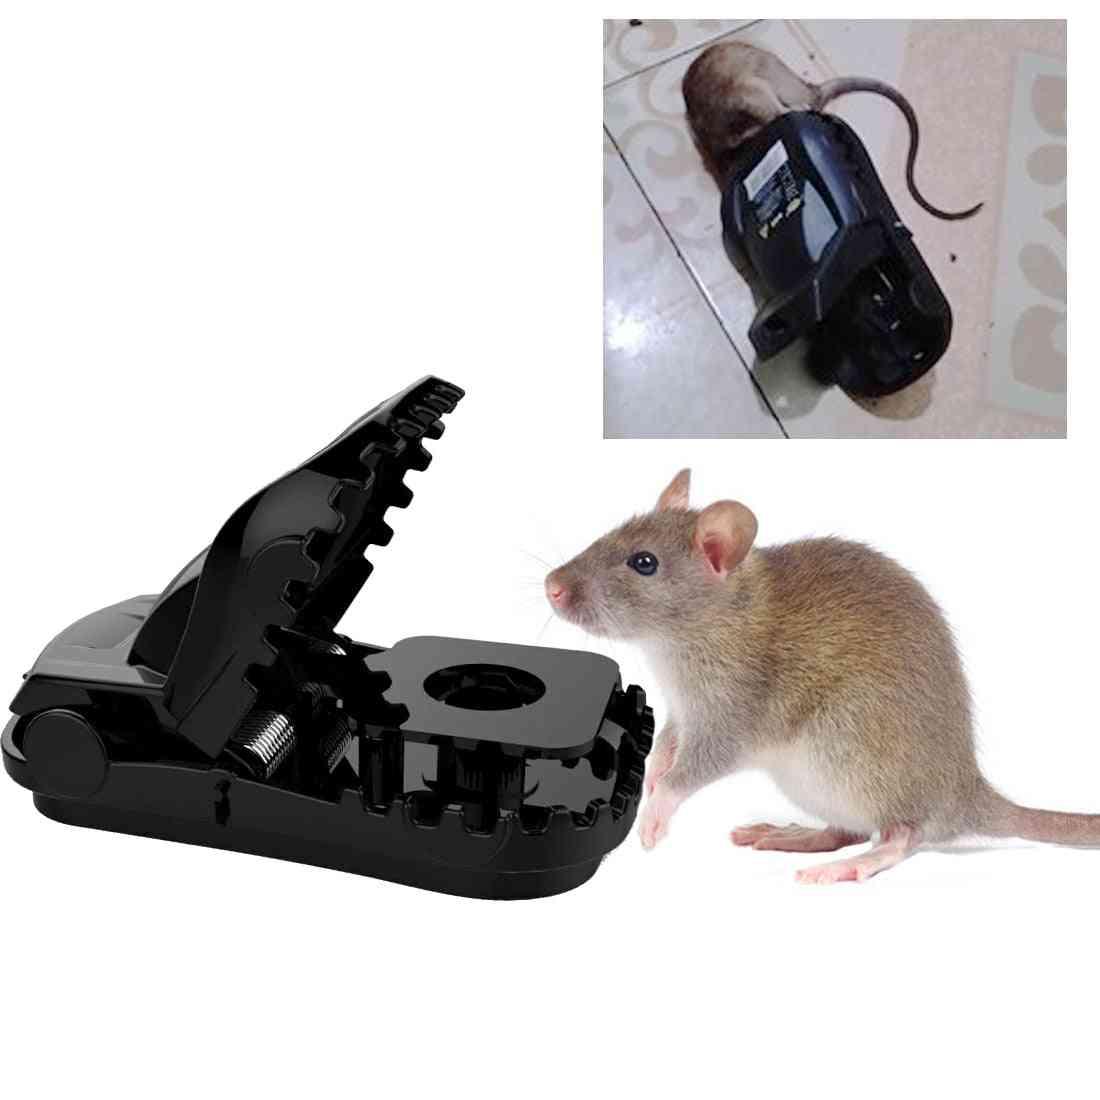 Reusable Plastic Rat Traps